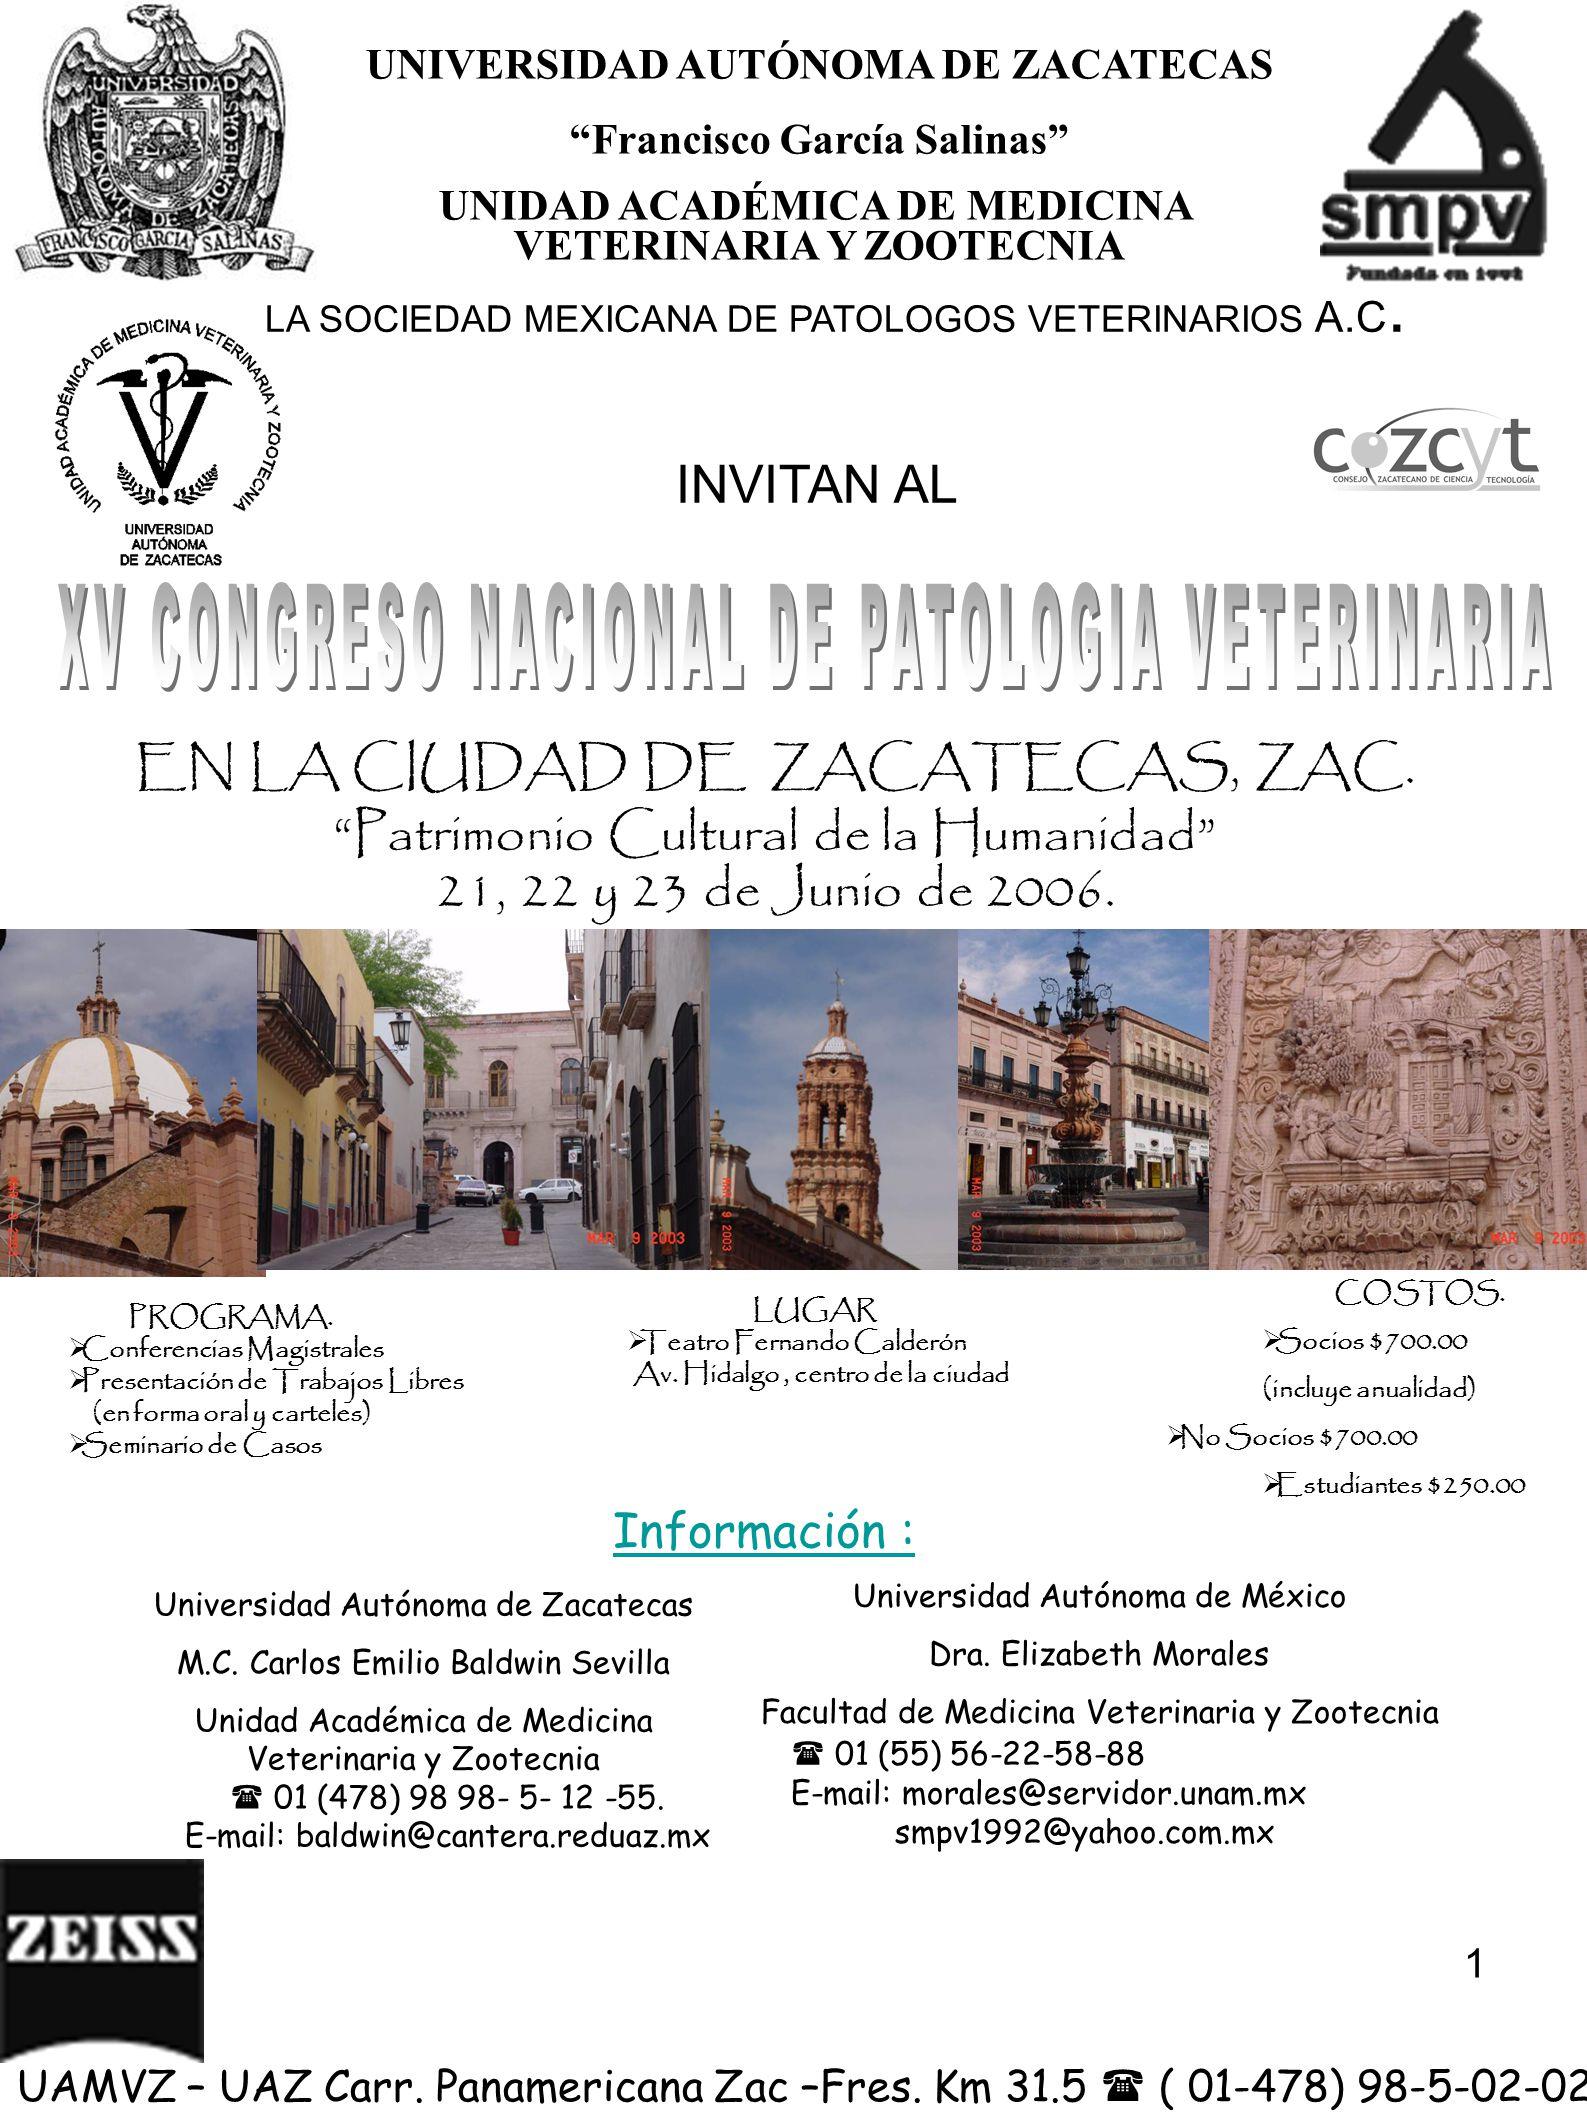 EN LA CIUDAD DE ZACATECAS, ZAC. Patrimonio Cultural de la Humanidad